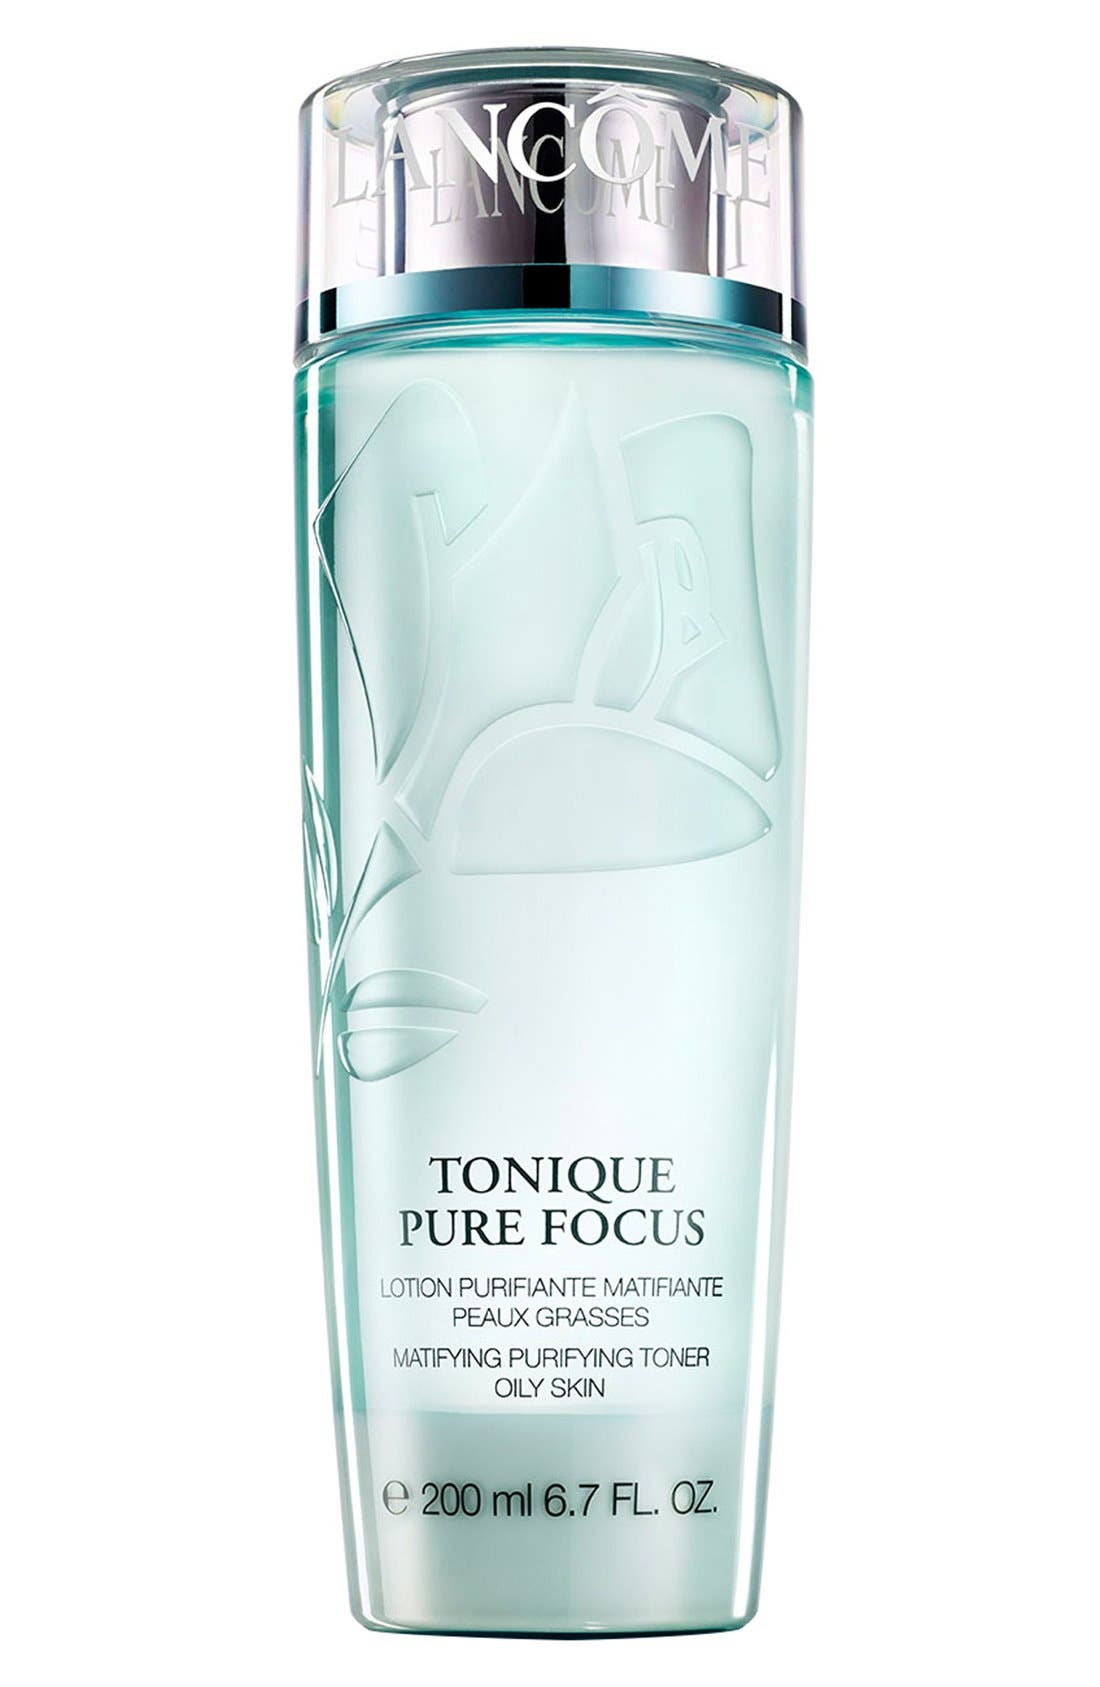 Lancôme Tonique Pure Focus Mattifying Toner